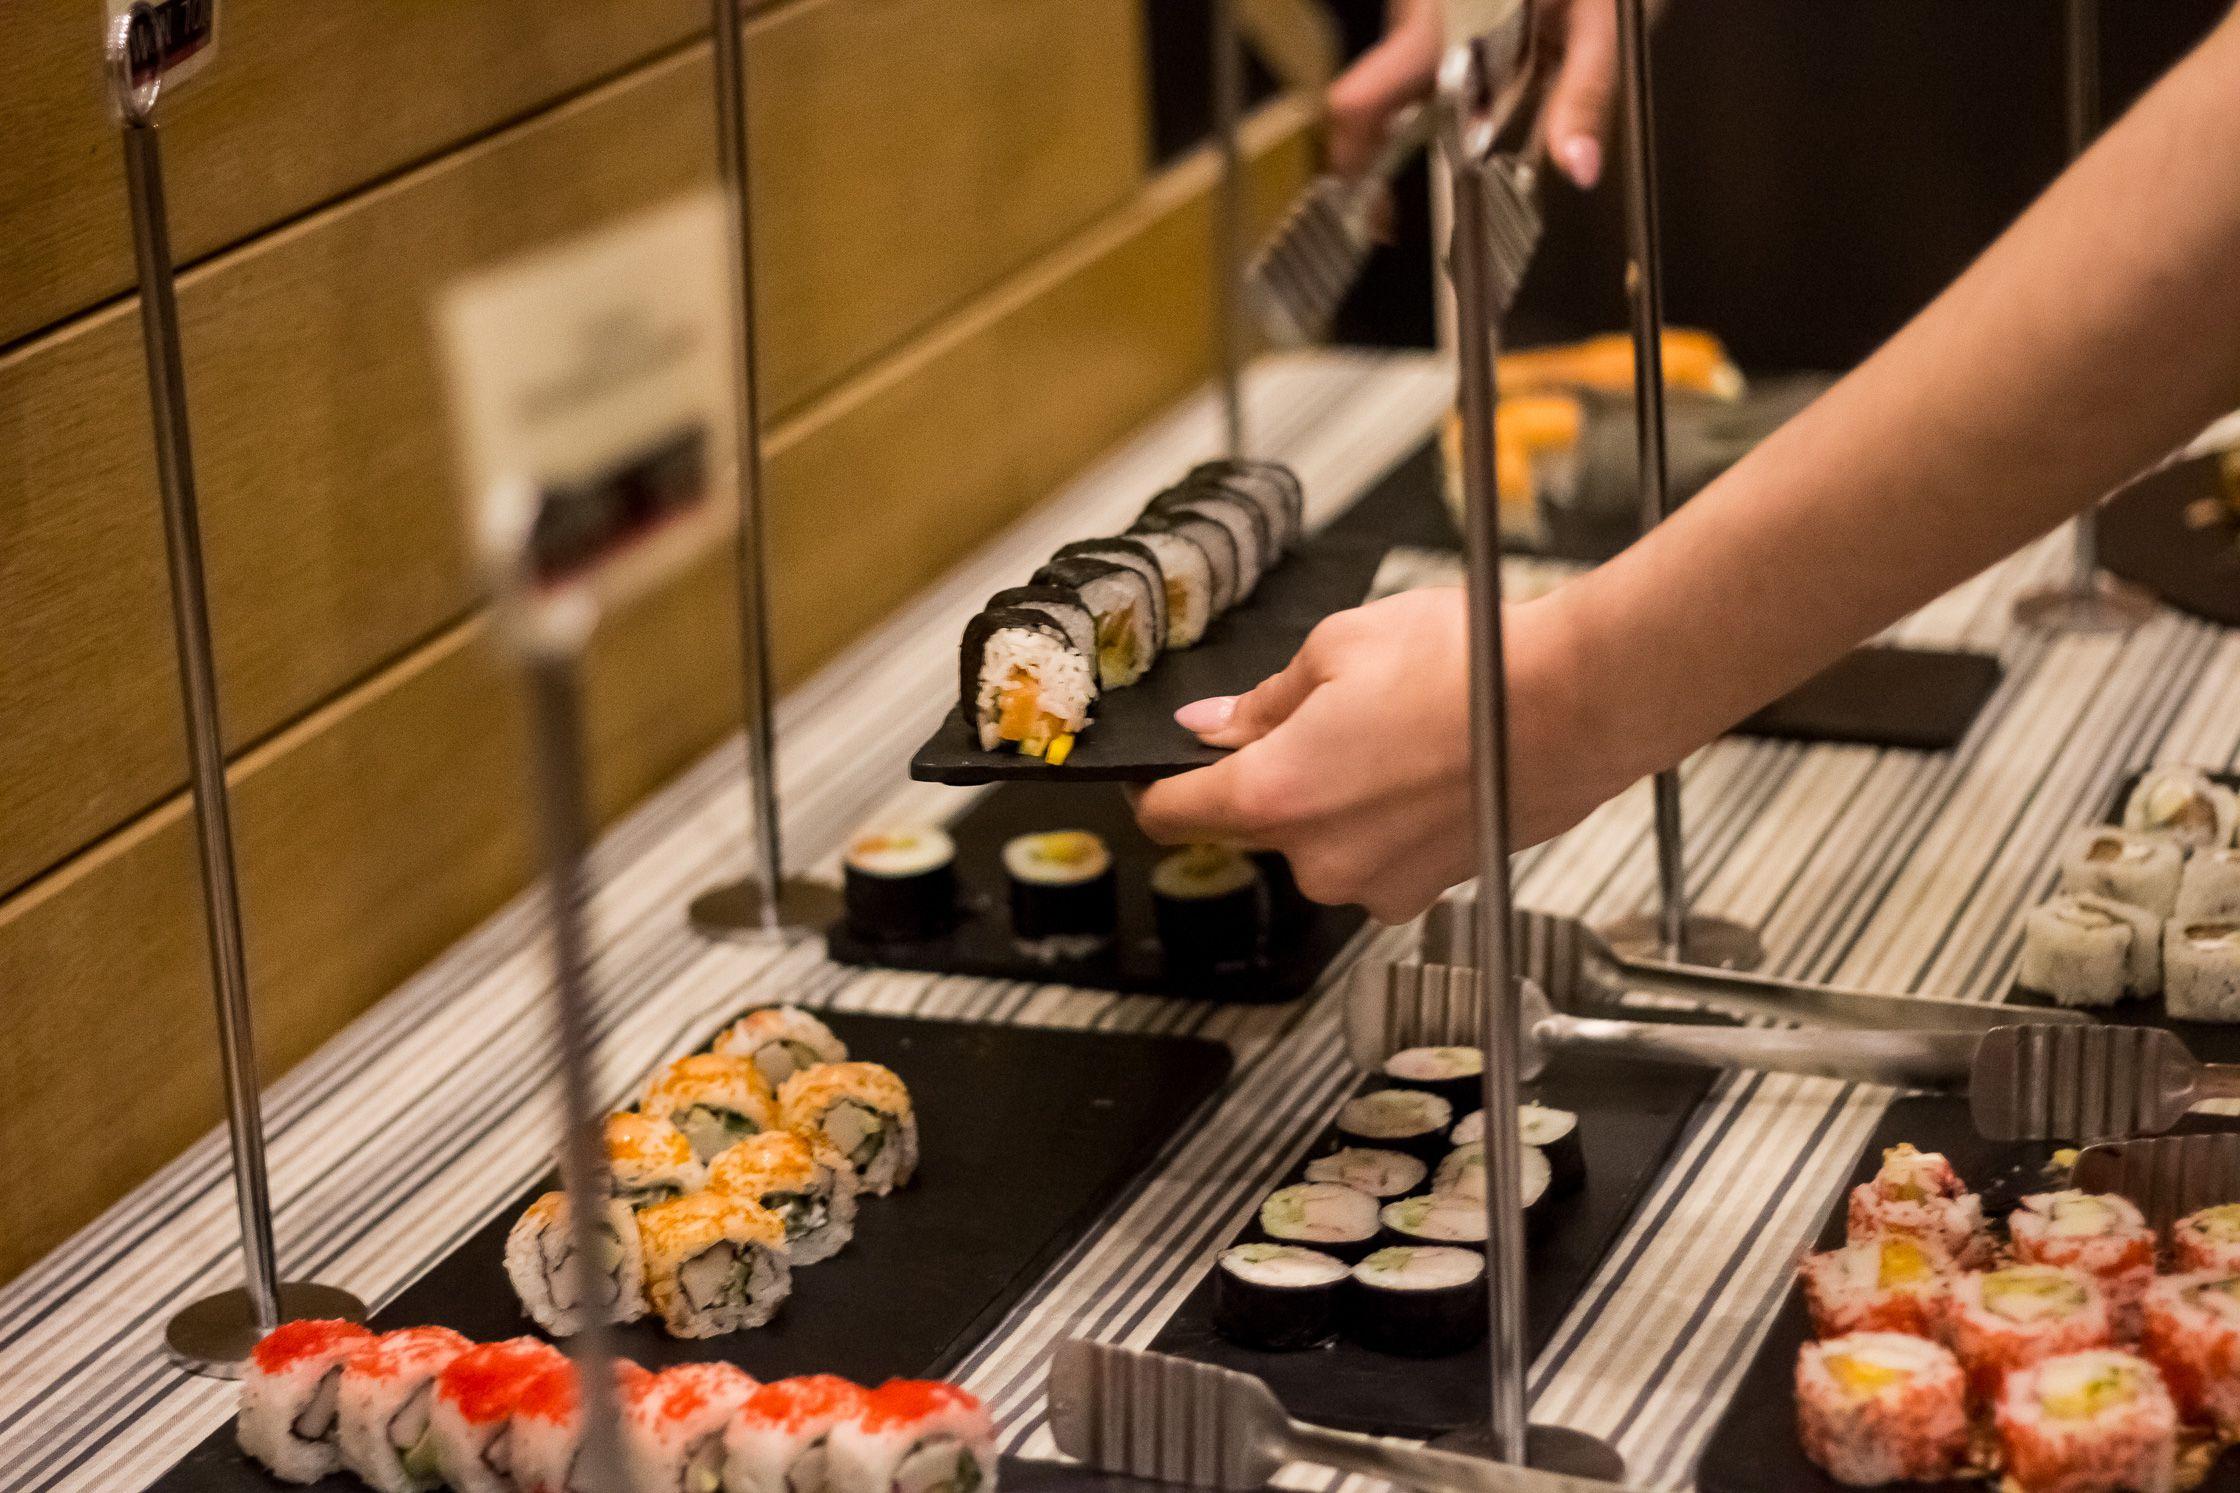 Κάθε Τετάρτη από τις 19:30 μέχρι τις 23:00 Sushi μπουφέ με 18€/άτομο στο Ασιατικό Εστιατόριο Won Ton - ιαπωνικο φαγητο - σουσι